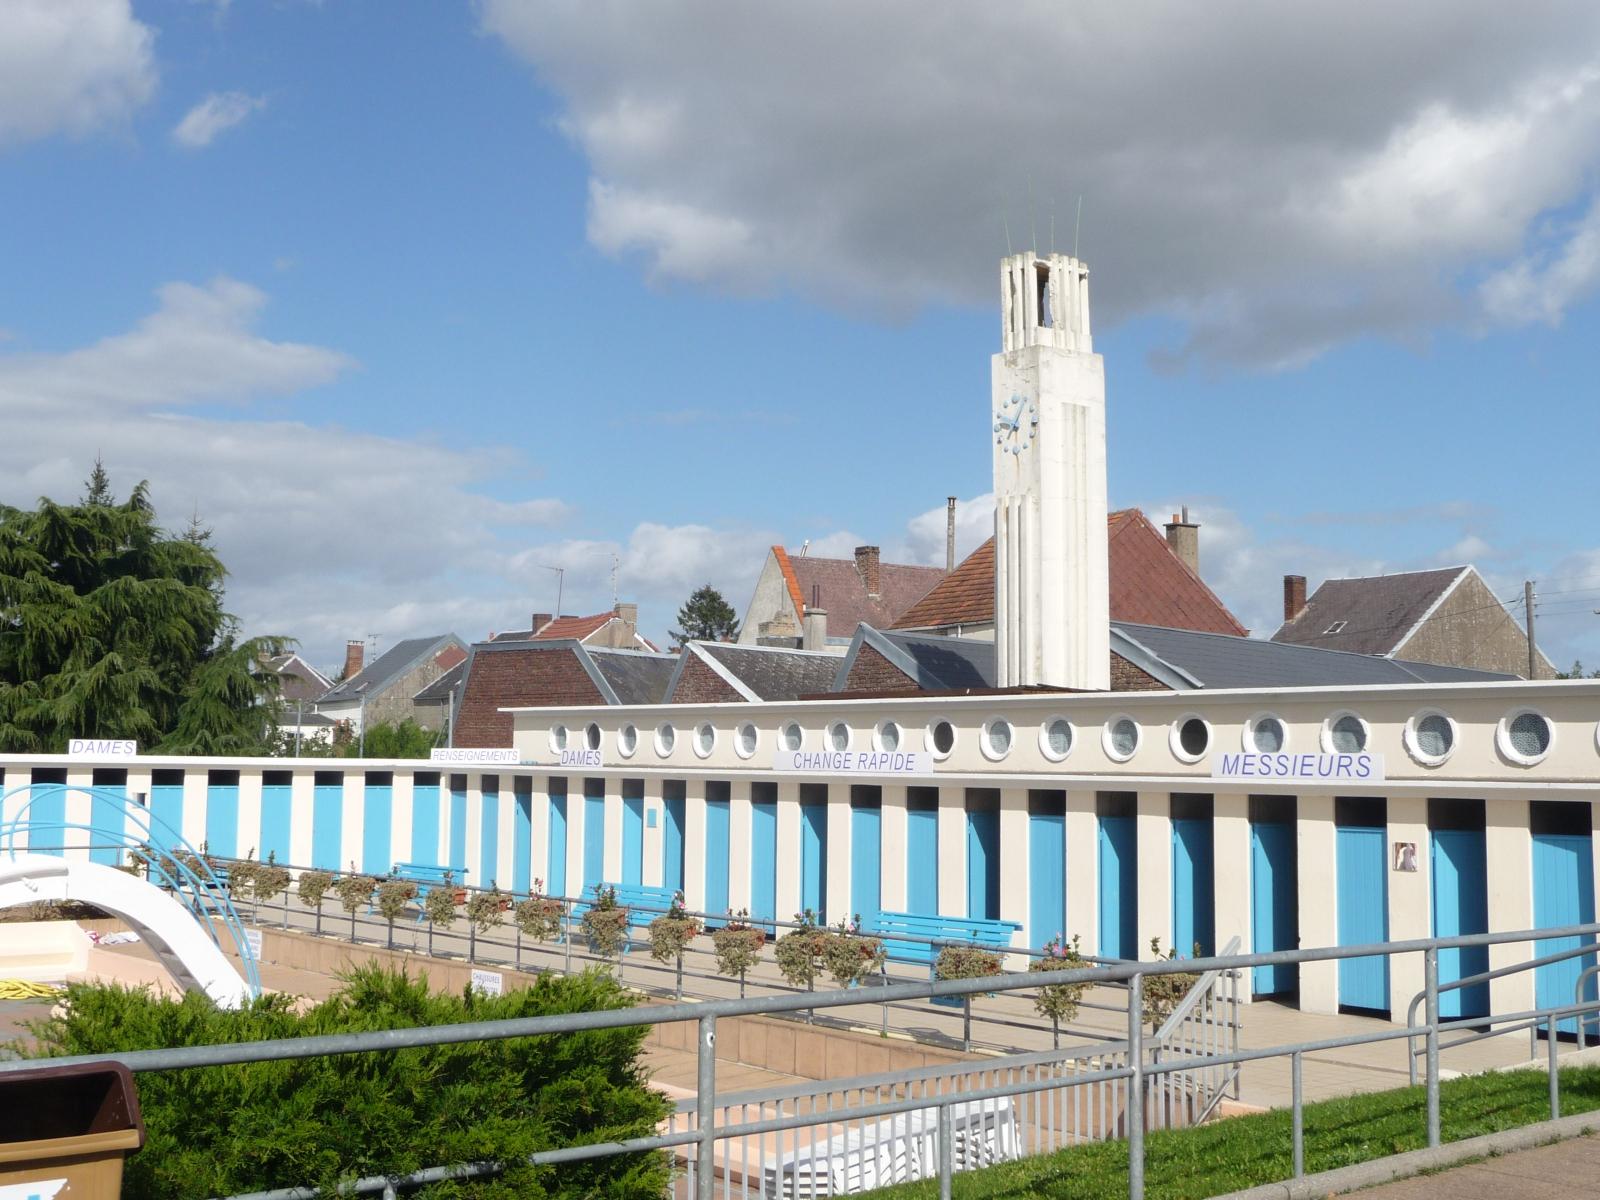 Le Stade Nautique, Caudry (59) | Caue Du Nord concernant Piscine De Caudry